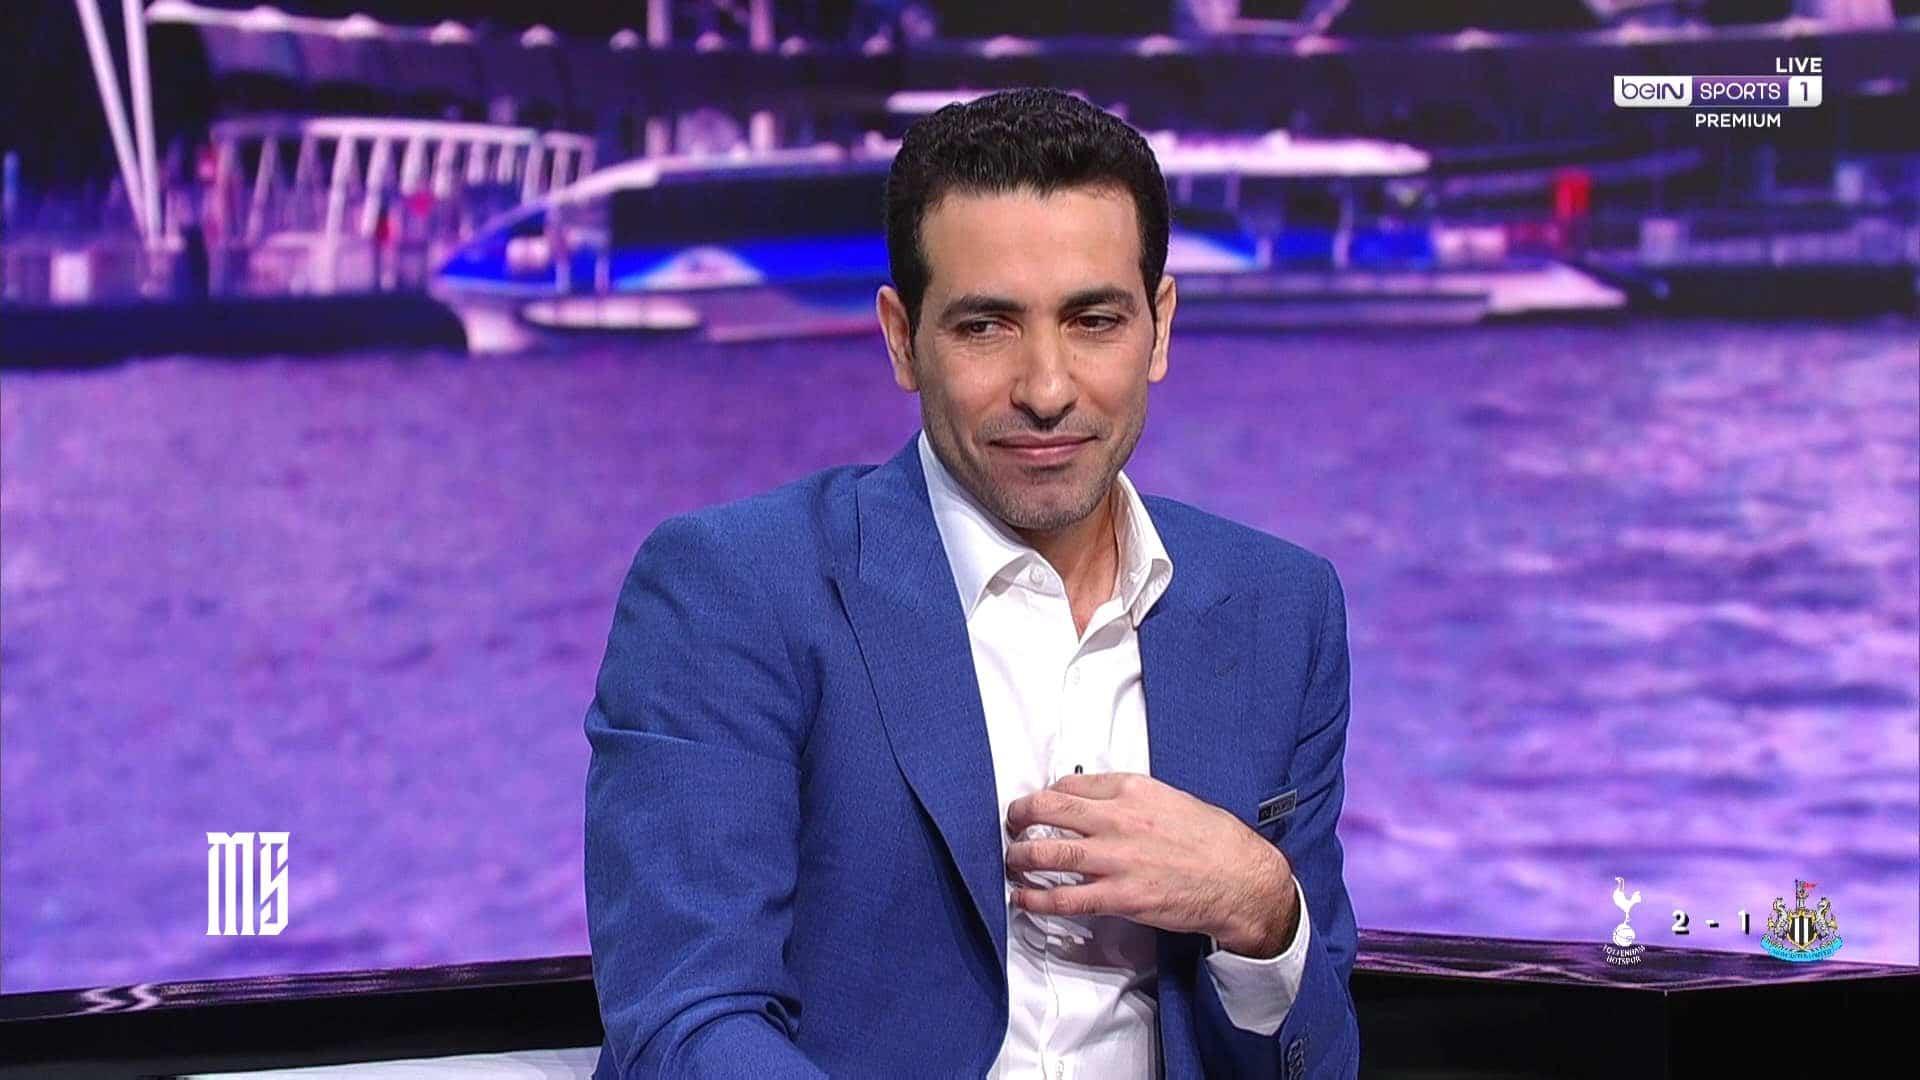 محمد ابو تريكة ينسحب من الأستوديو التحليلي لمباراة نيوكاسل يونايتد